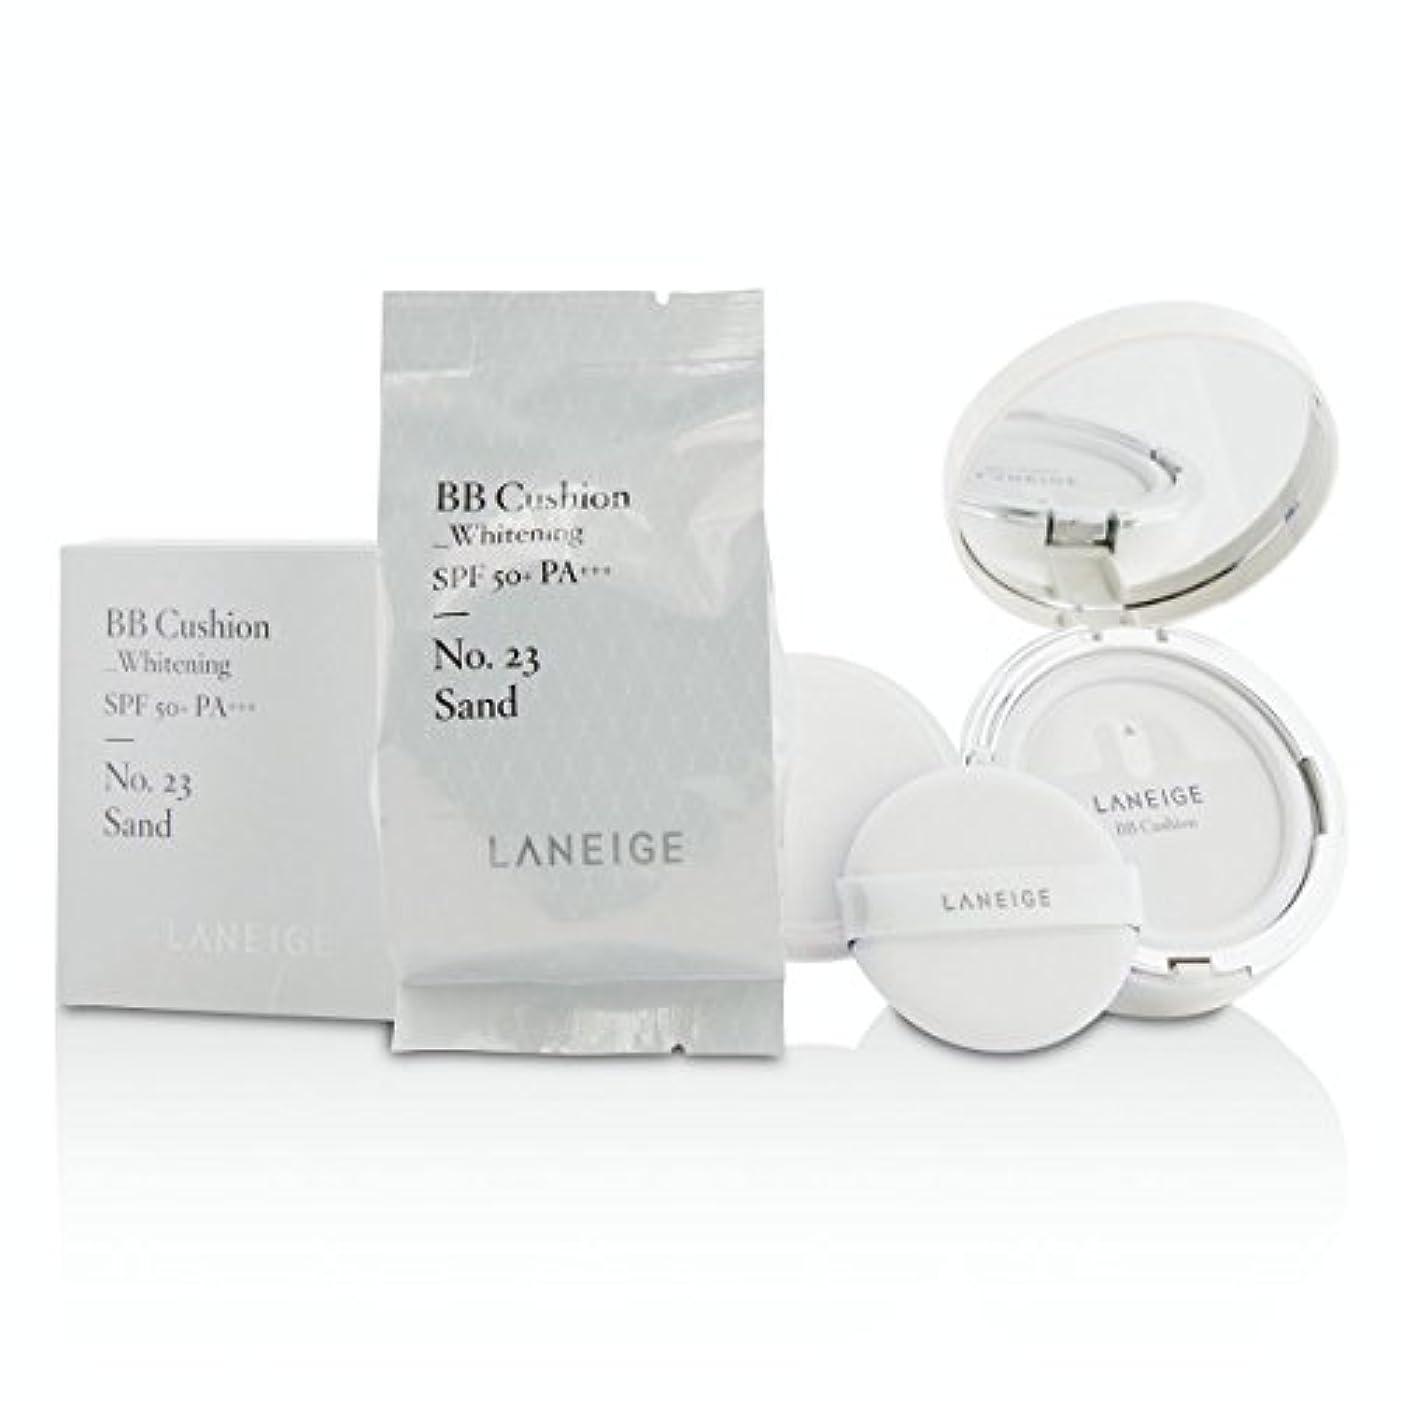 正しく銀行解き明かす[Laneige] BB Cushion Foundation (Whitening) SPF 50 With Extra Refill - # No. 23 Sand 2x15g/0.5oz